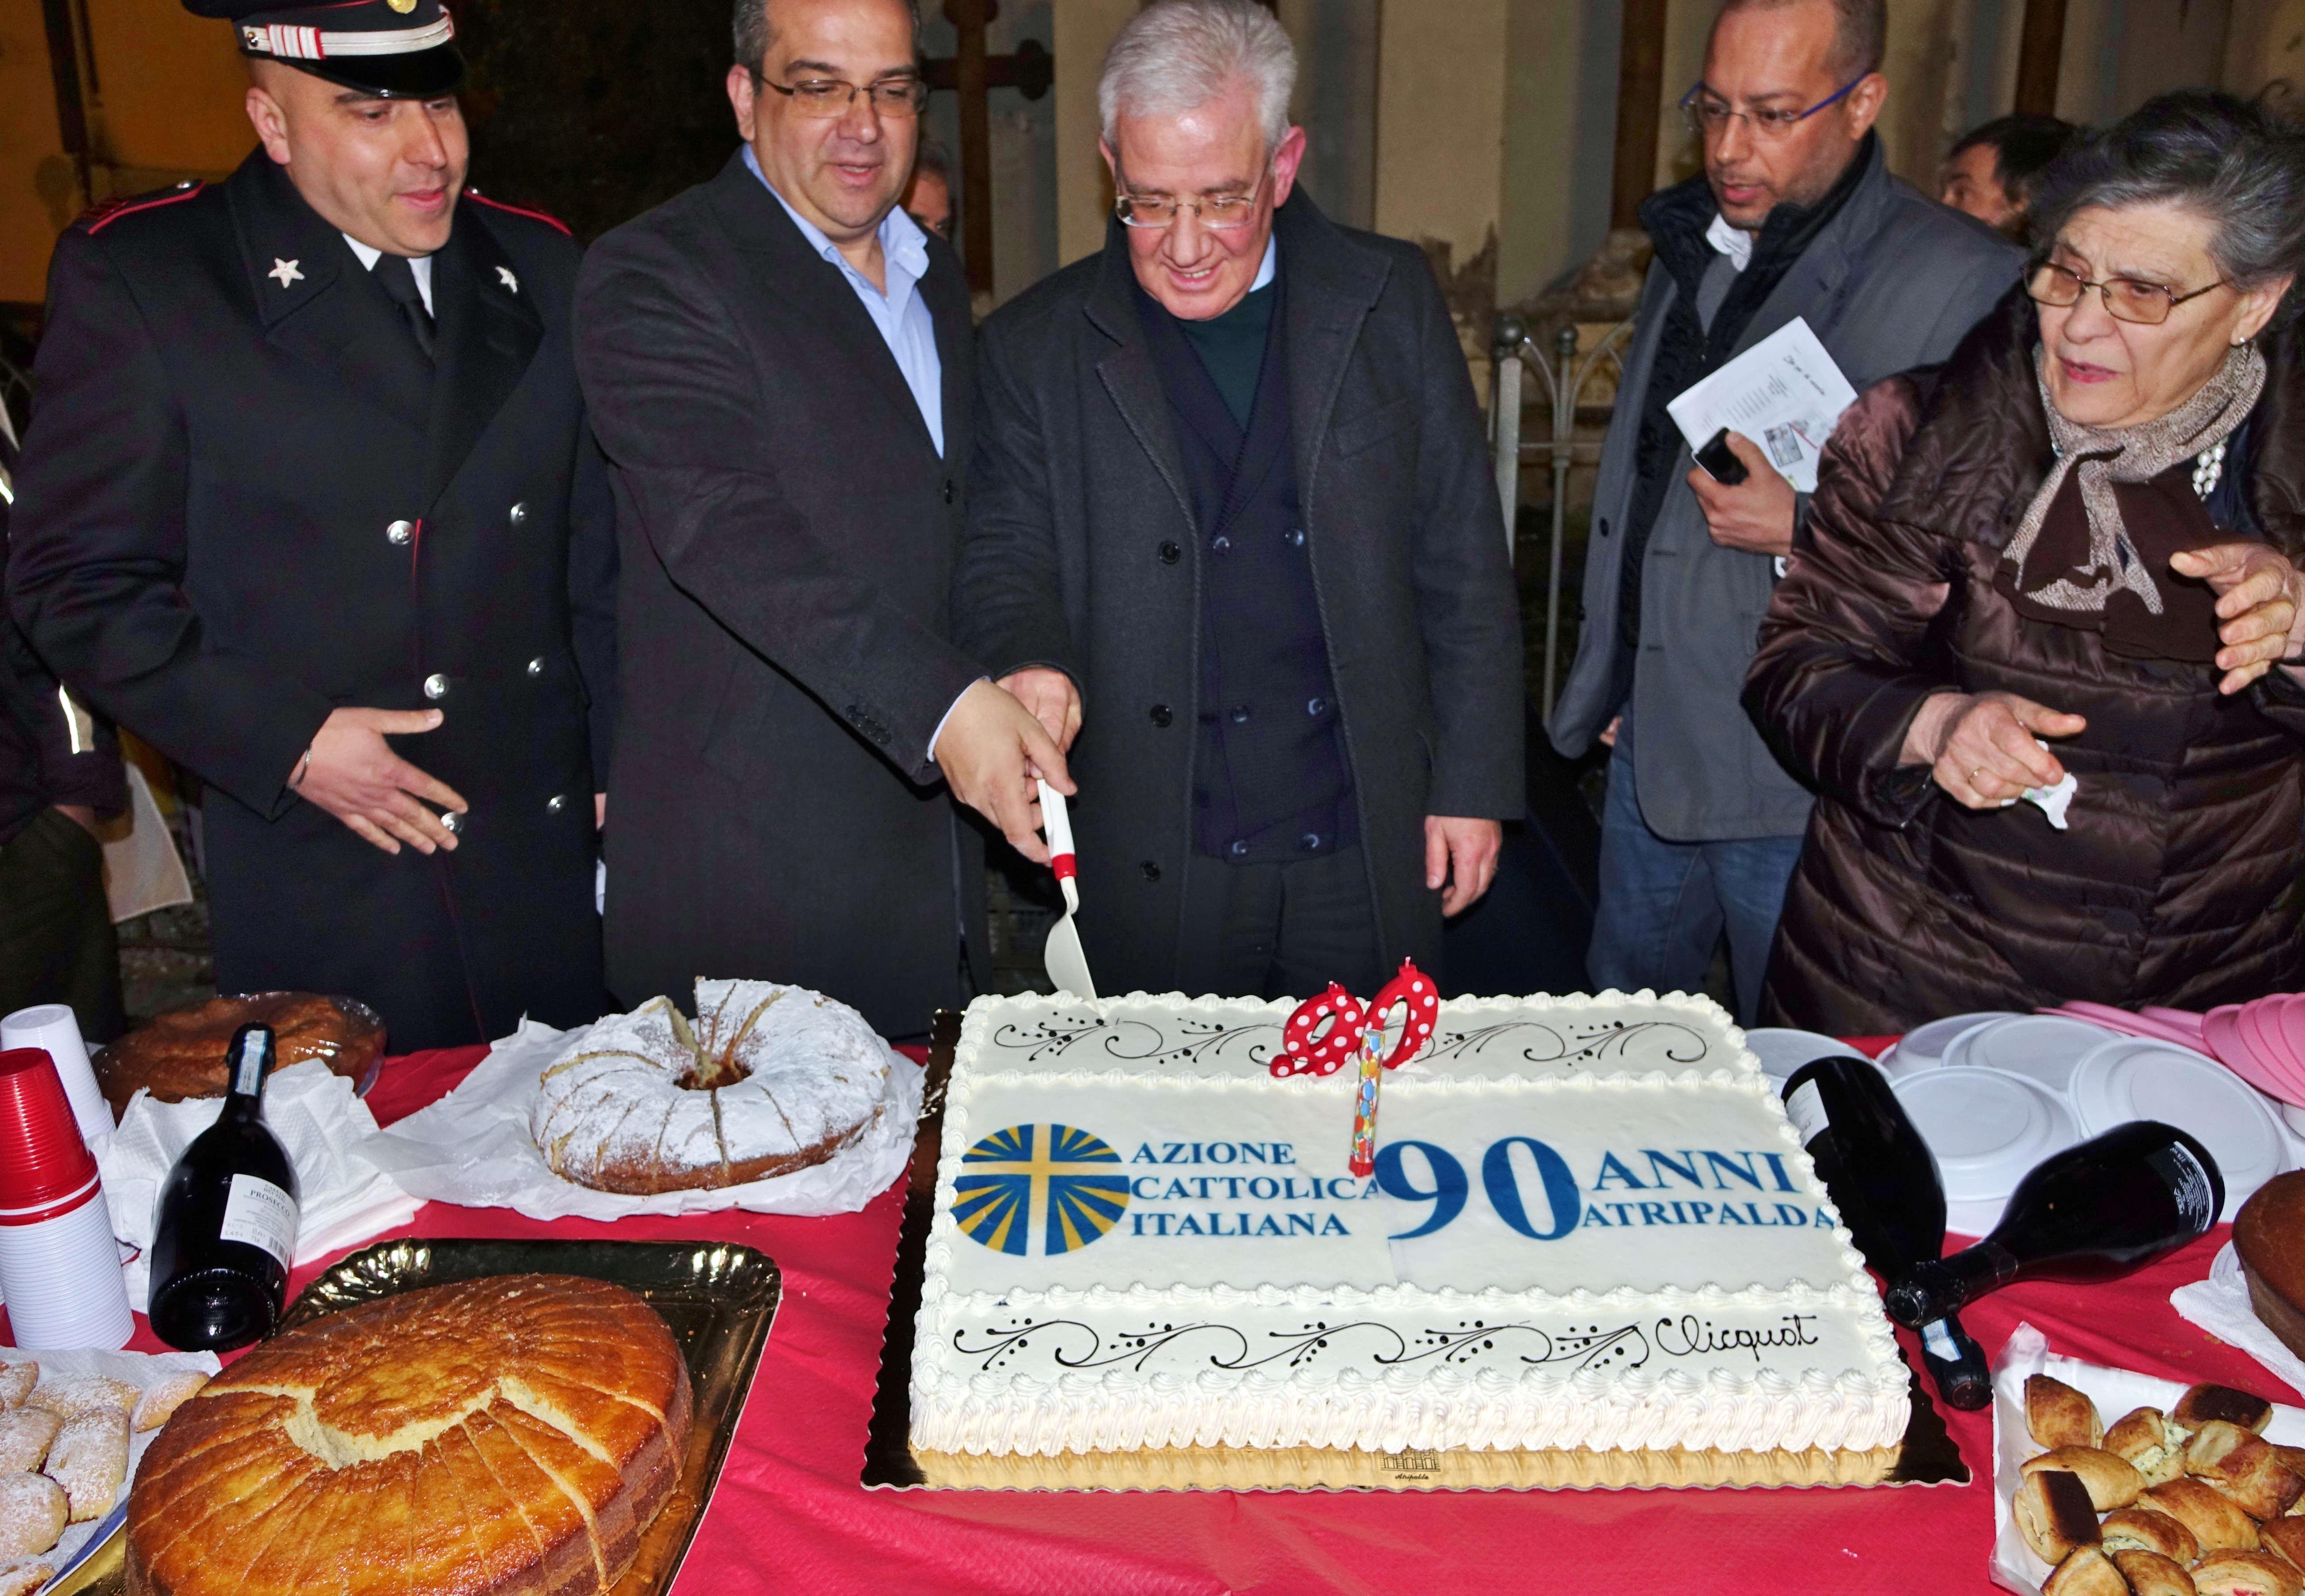 Festa 90 anni